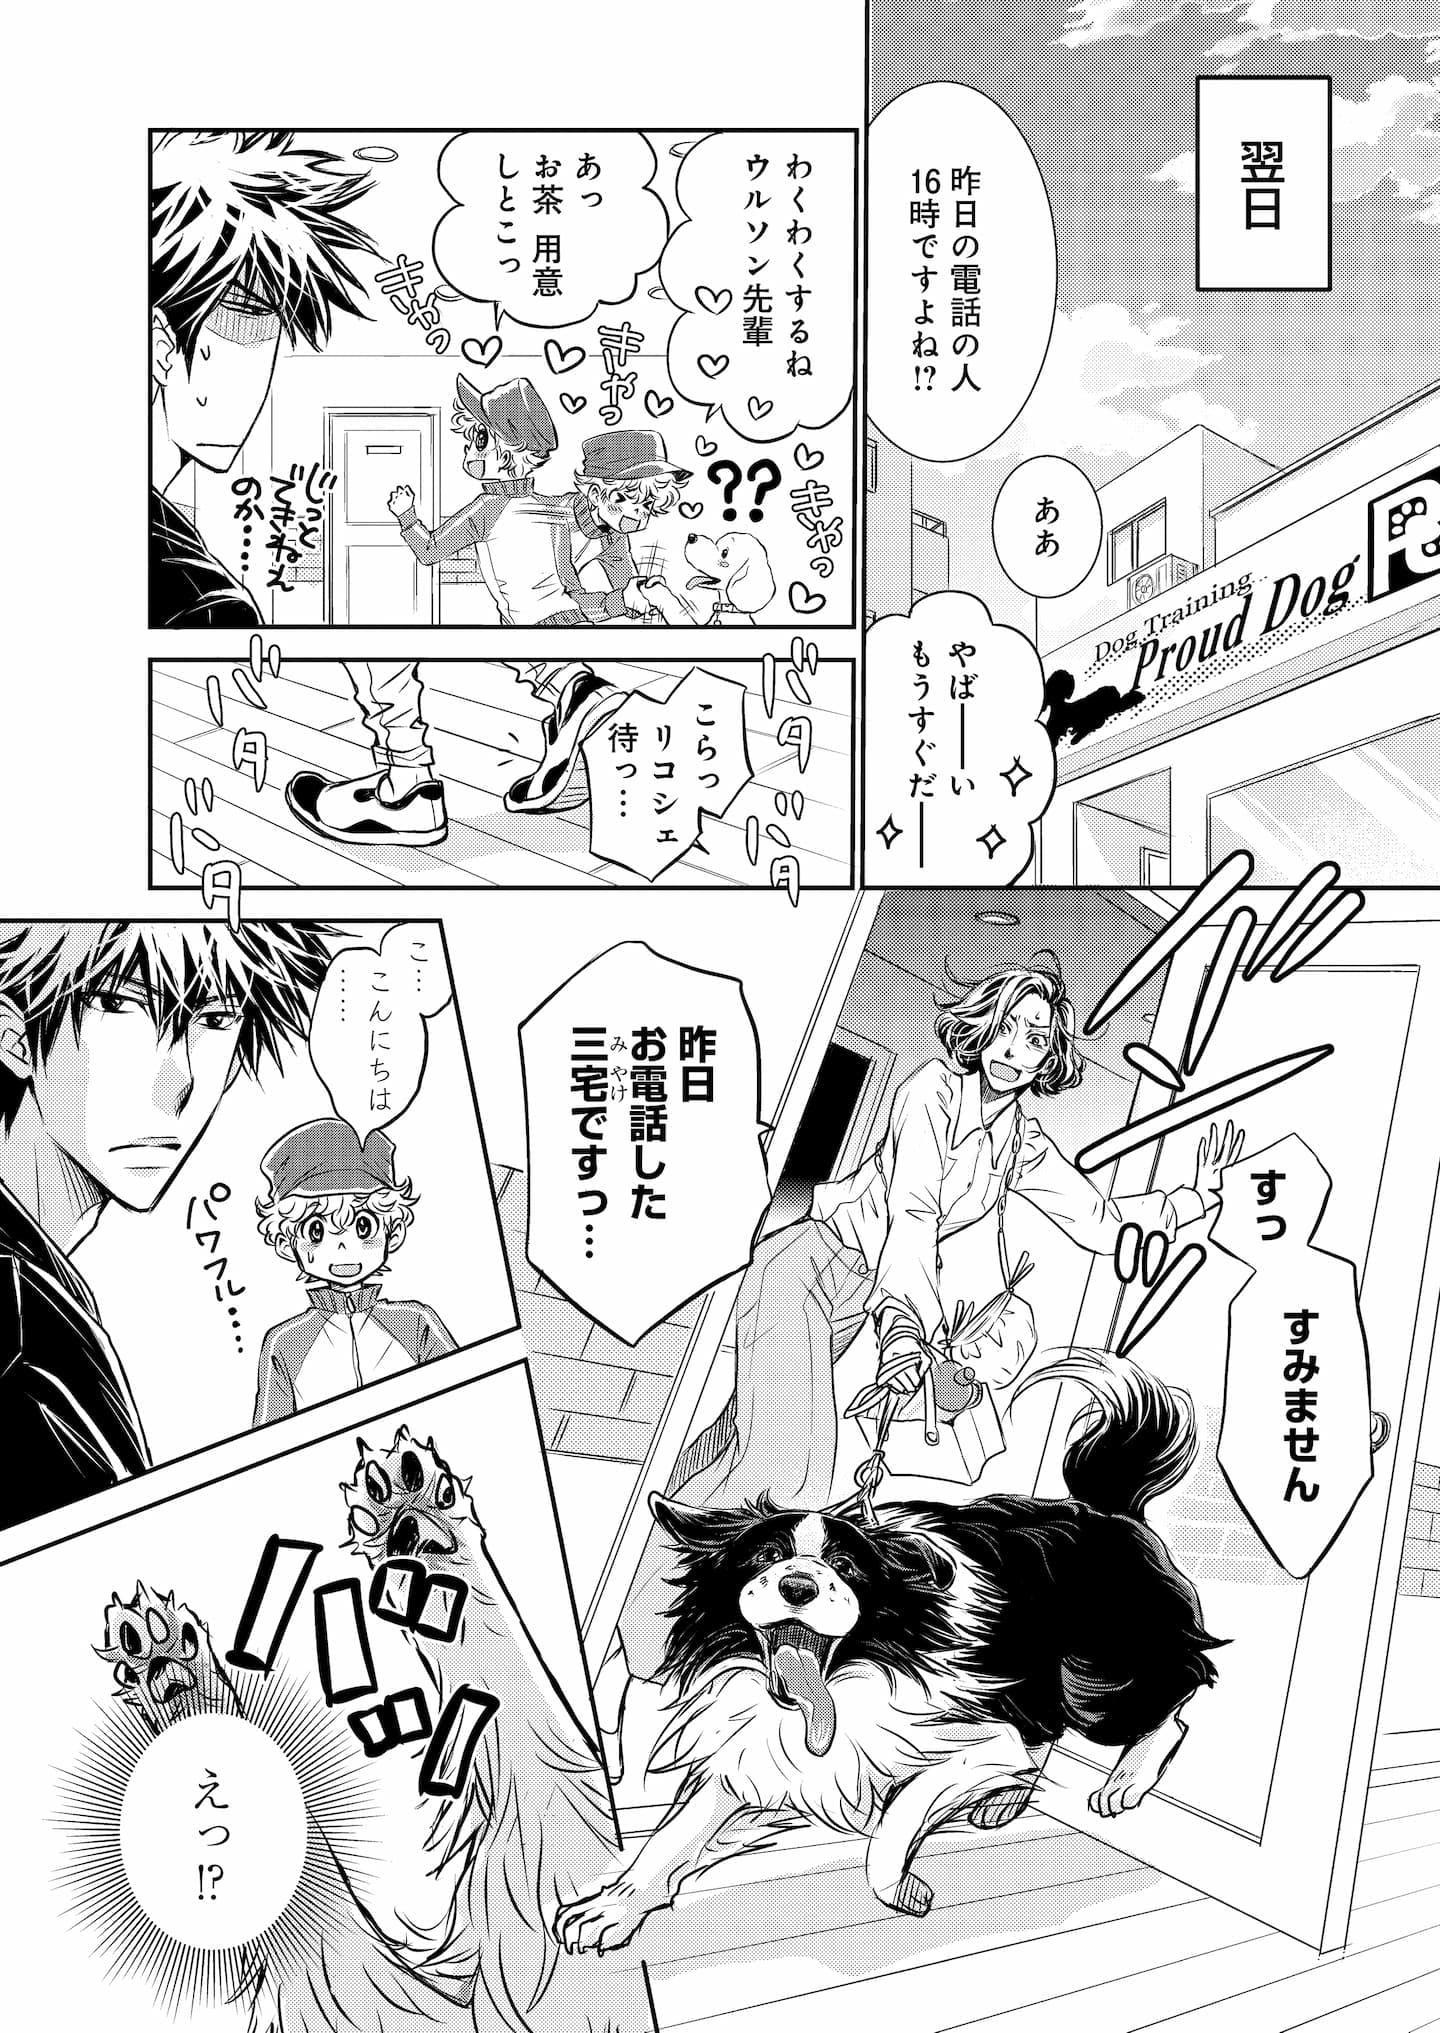 『DOG SIGNAL』4話目① 2ページ目